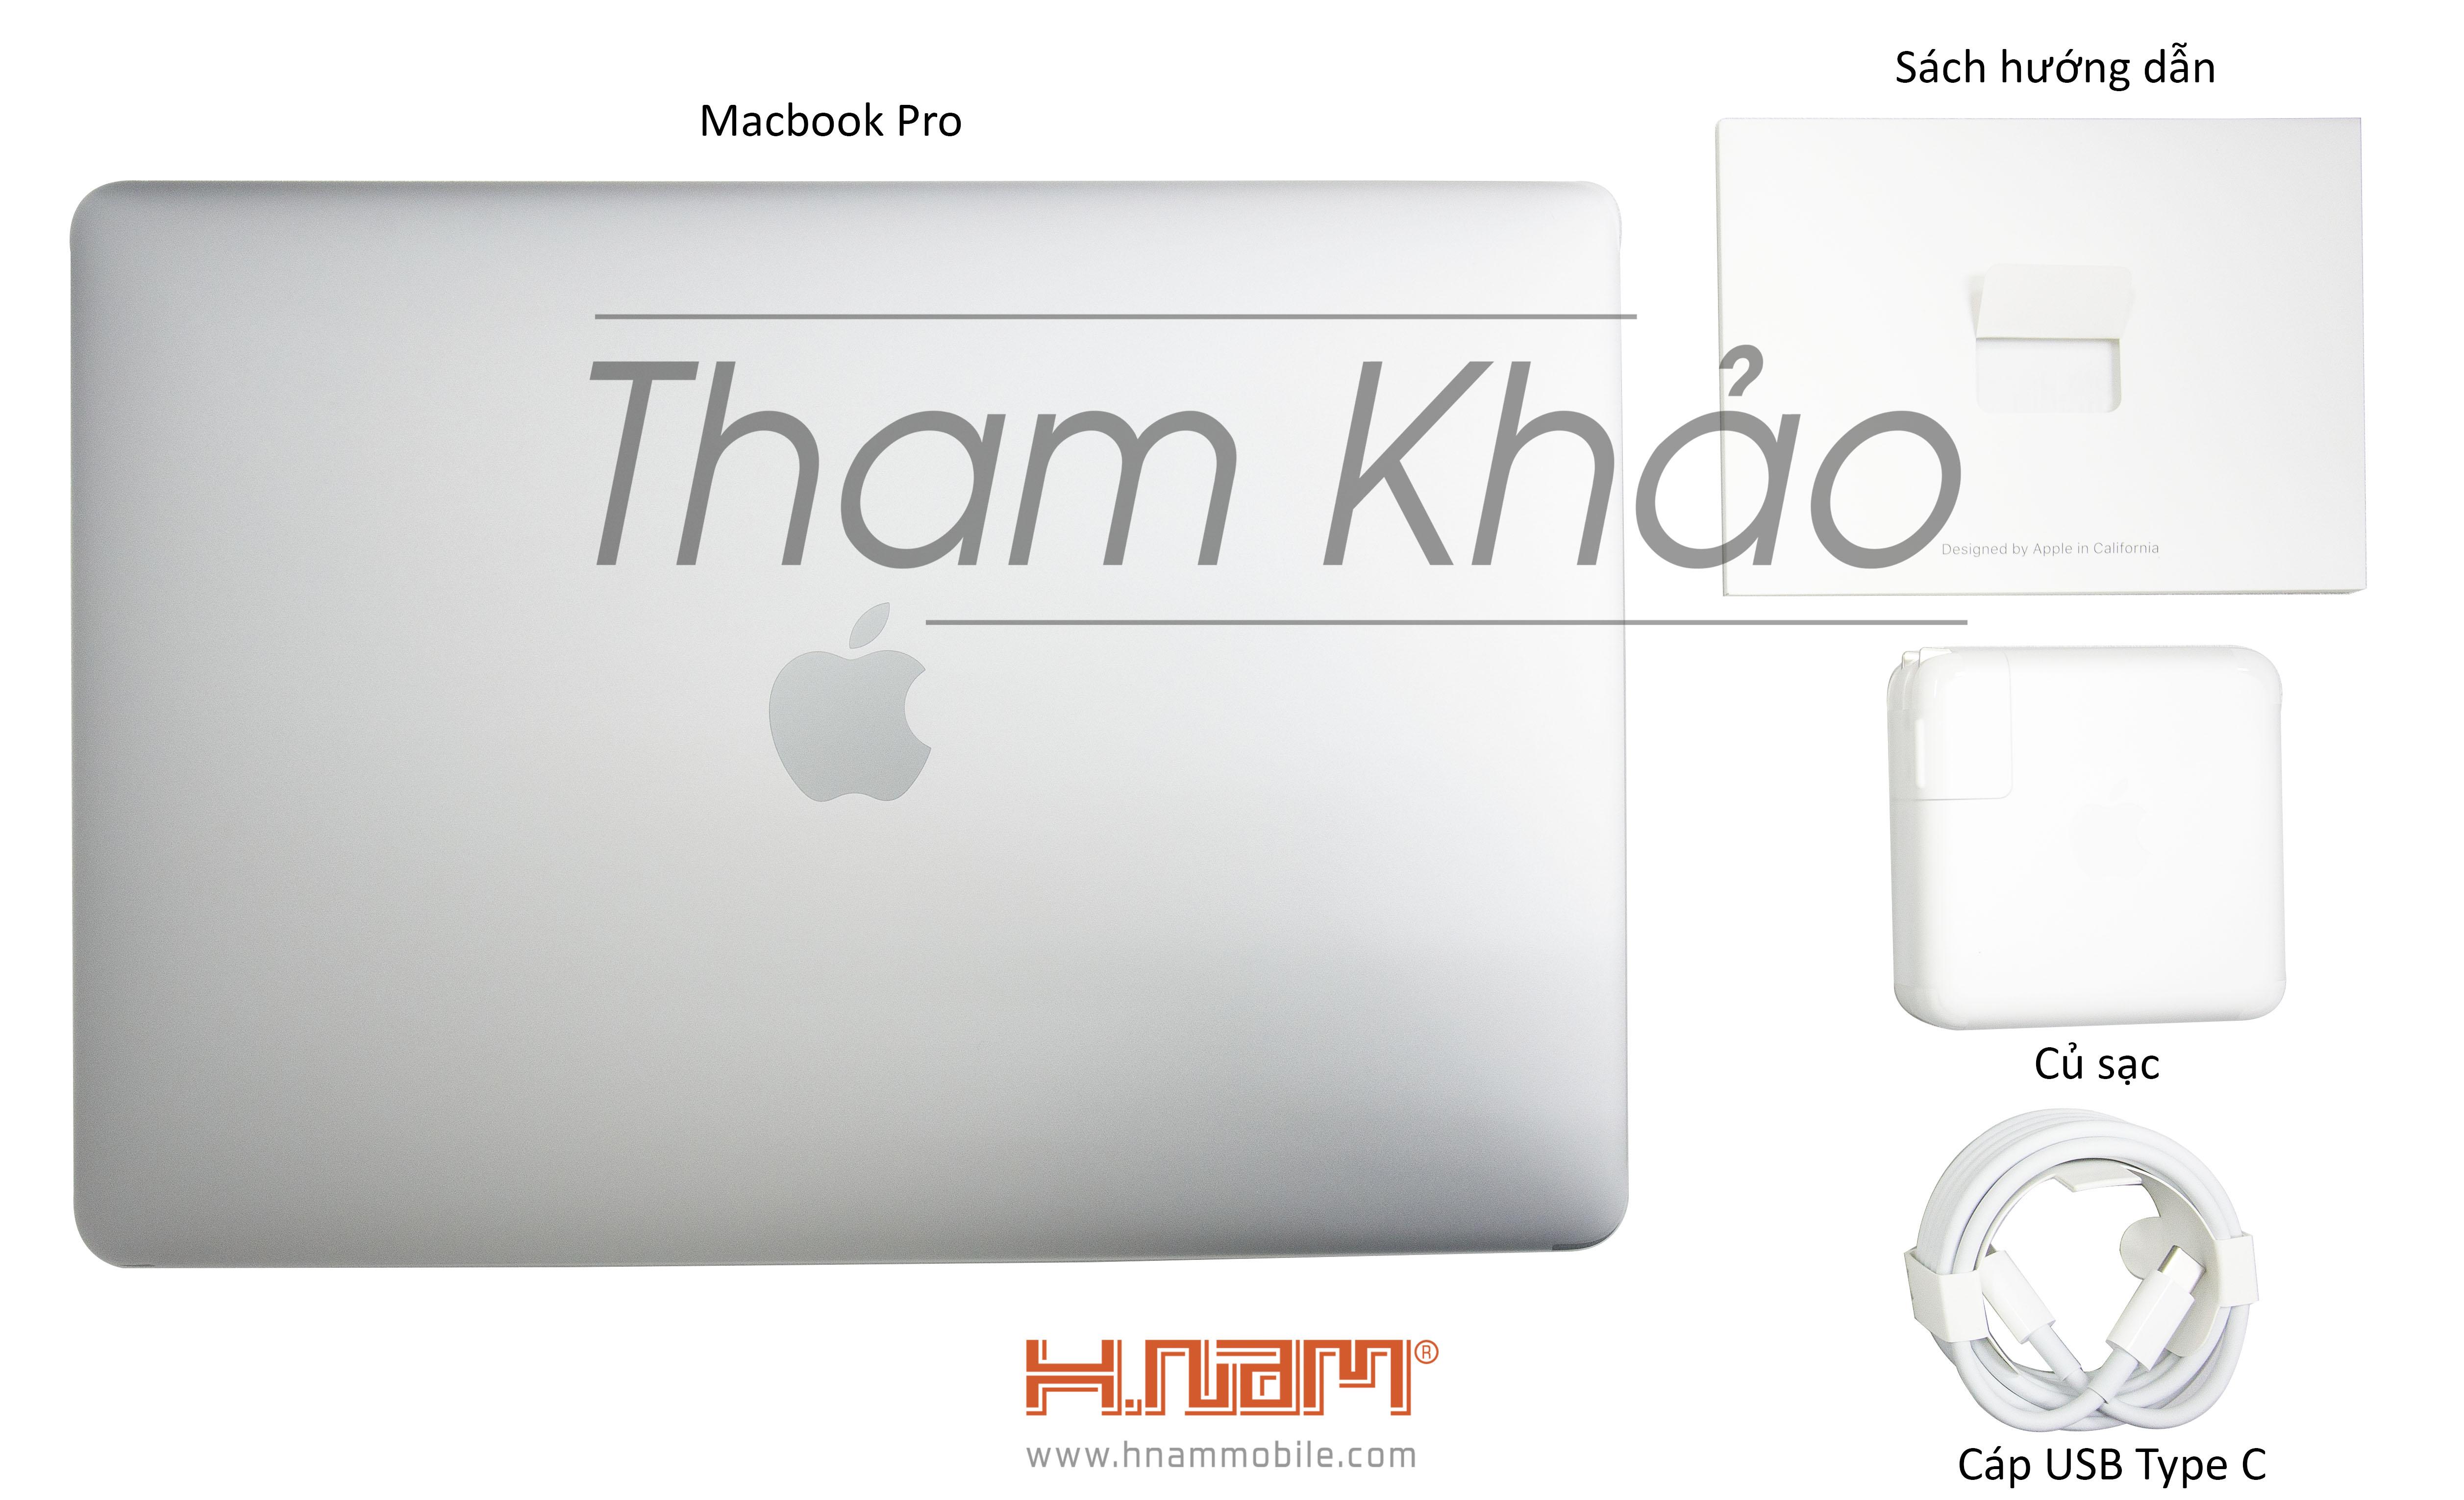 MacBook Pro 13 inch Touch Bar 2019 MUHQ2 128GB Silver hình sản phẩm 0